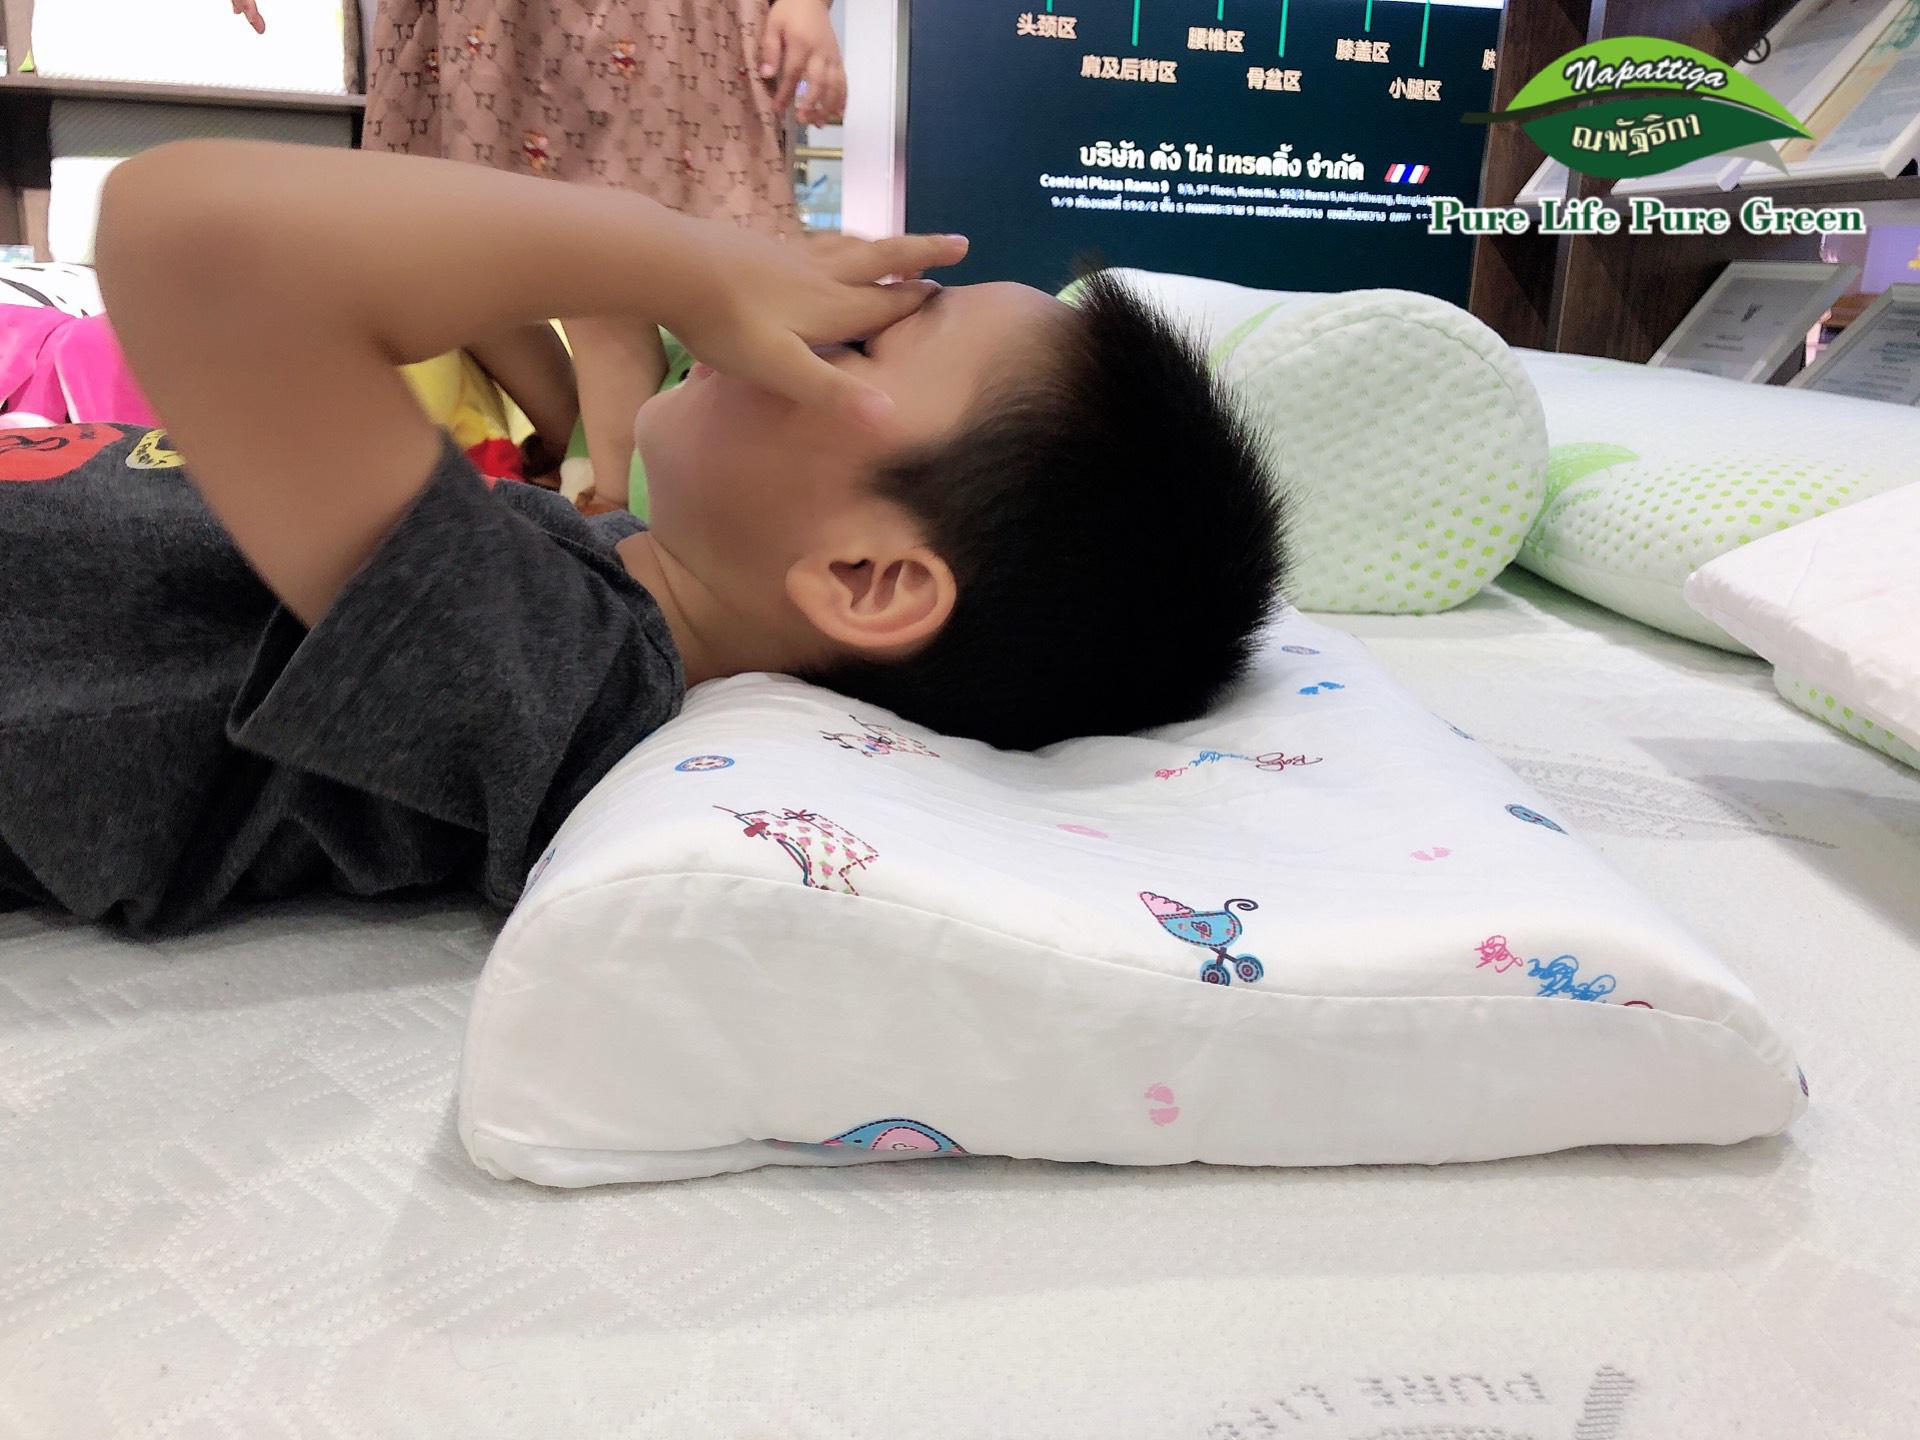 儿童床垫如何选?宝妈们要谨记以下4点!让宝宝睡个安稳觉